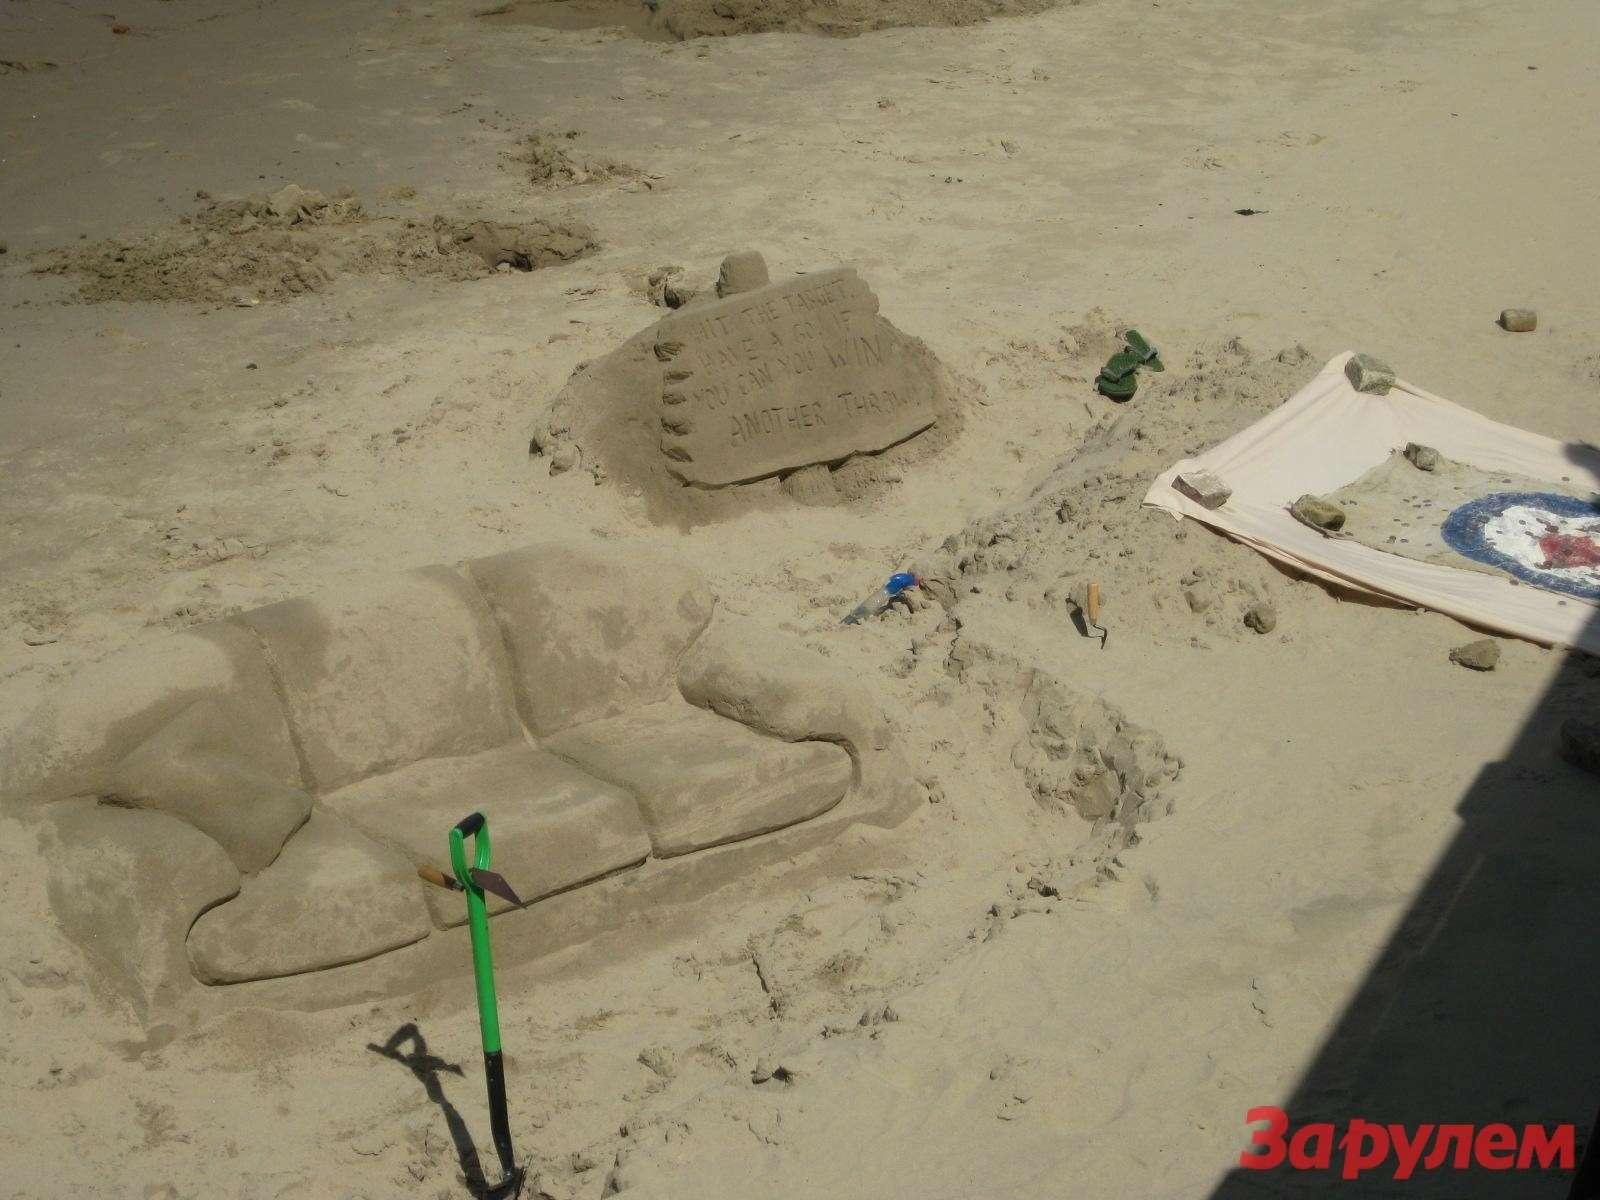 Скульптура напляже